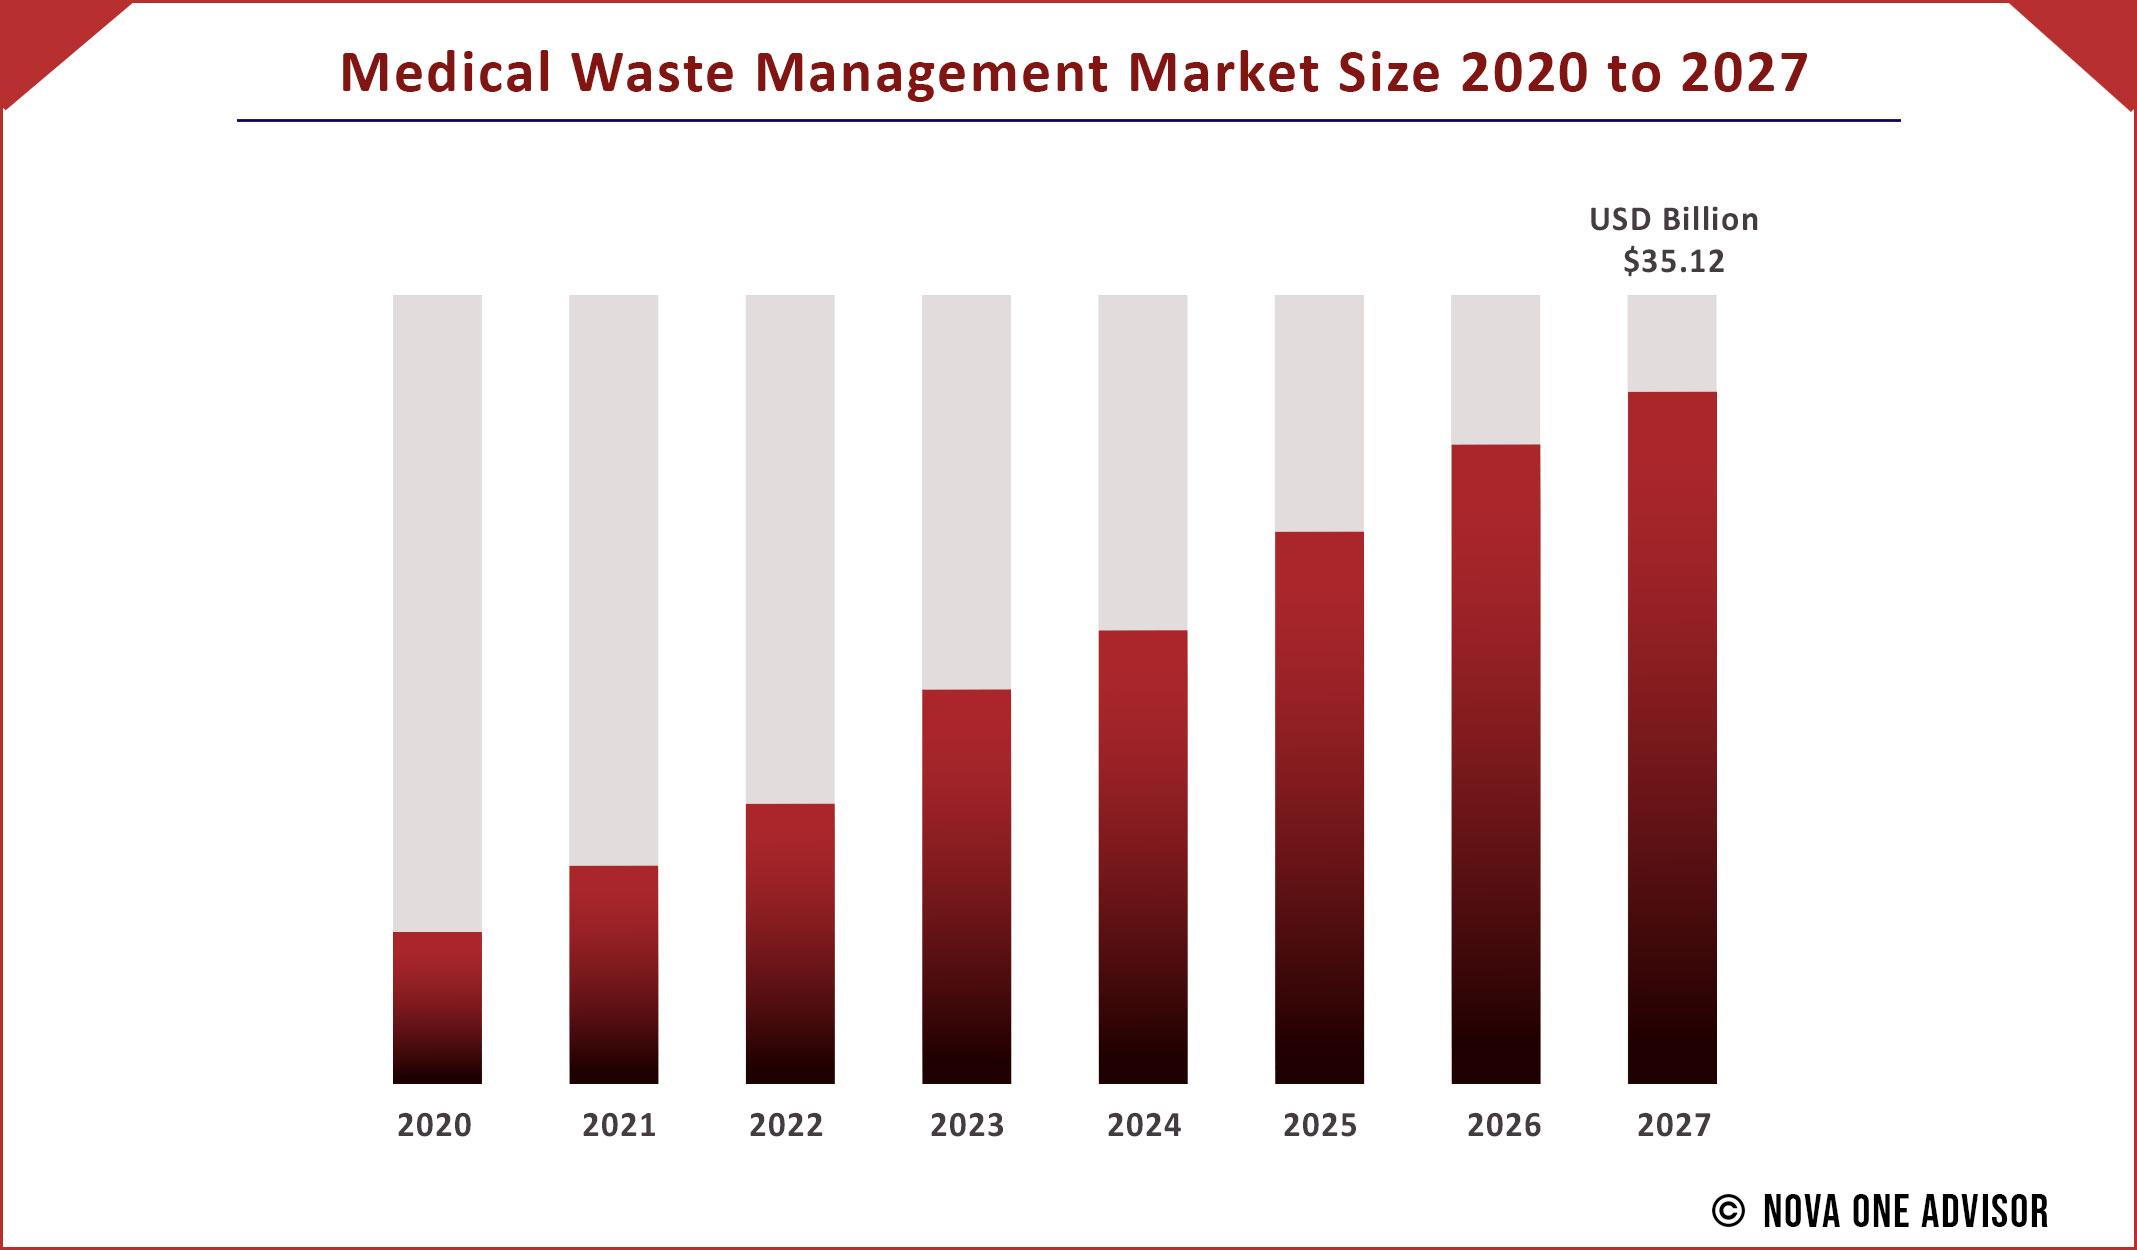 Medical Waste Management MarketSize 2020 to 2027